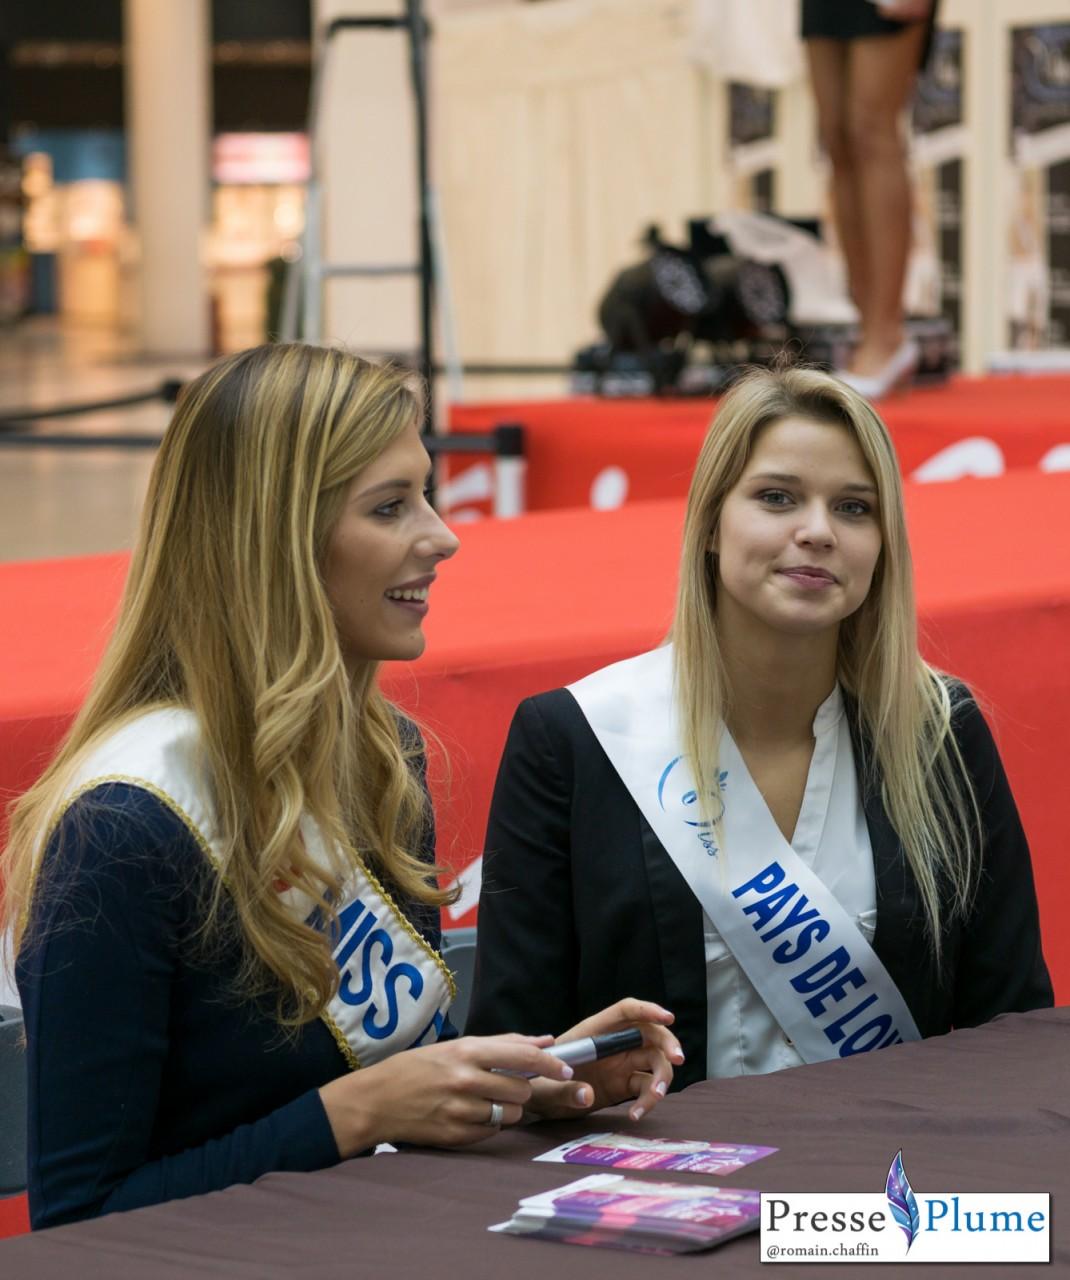 Angélina LAURENT, Miss Pays de Loire 2015 en compagnie de Miss France 2015, Camille CERF